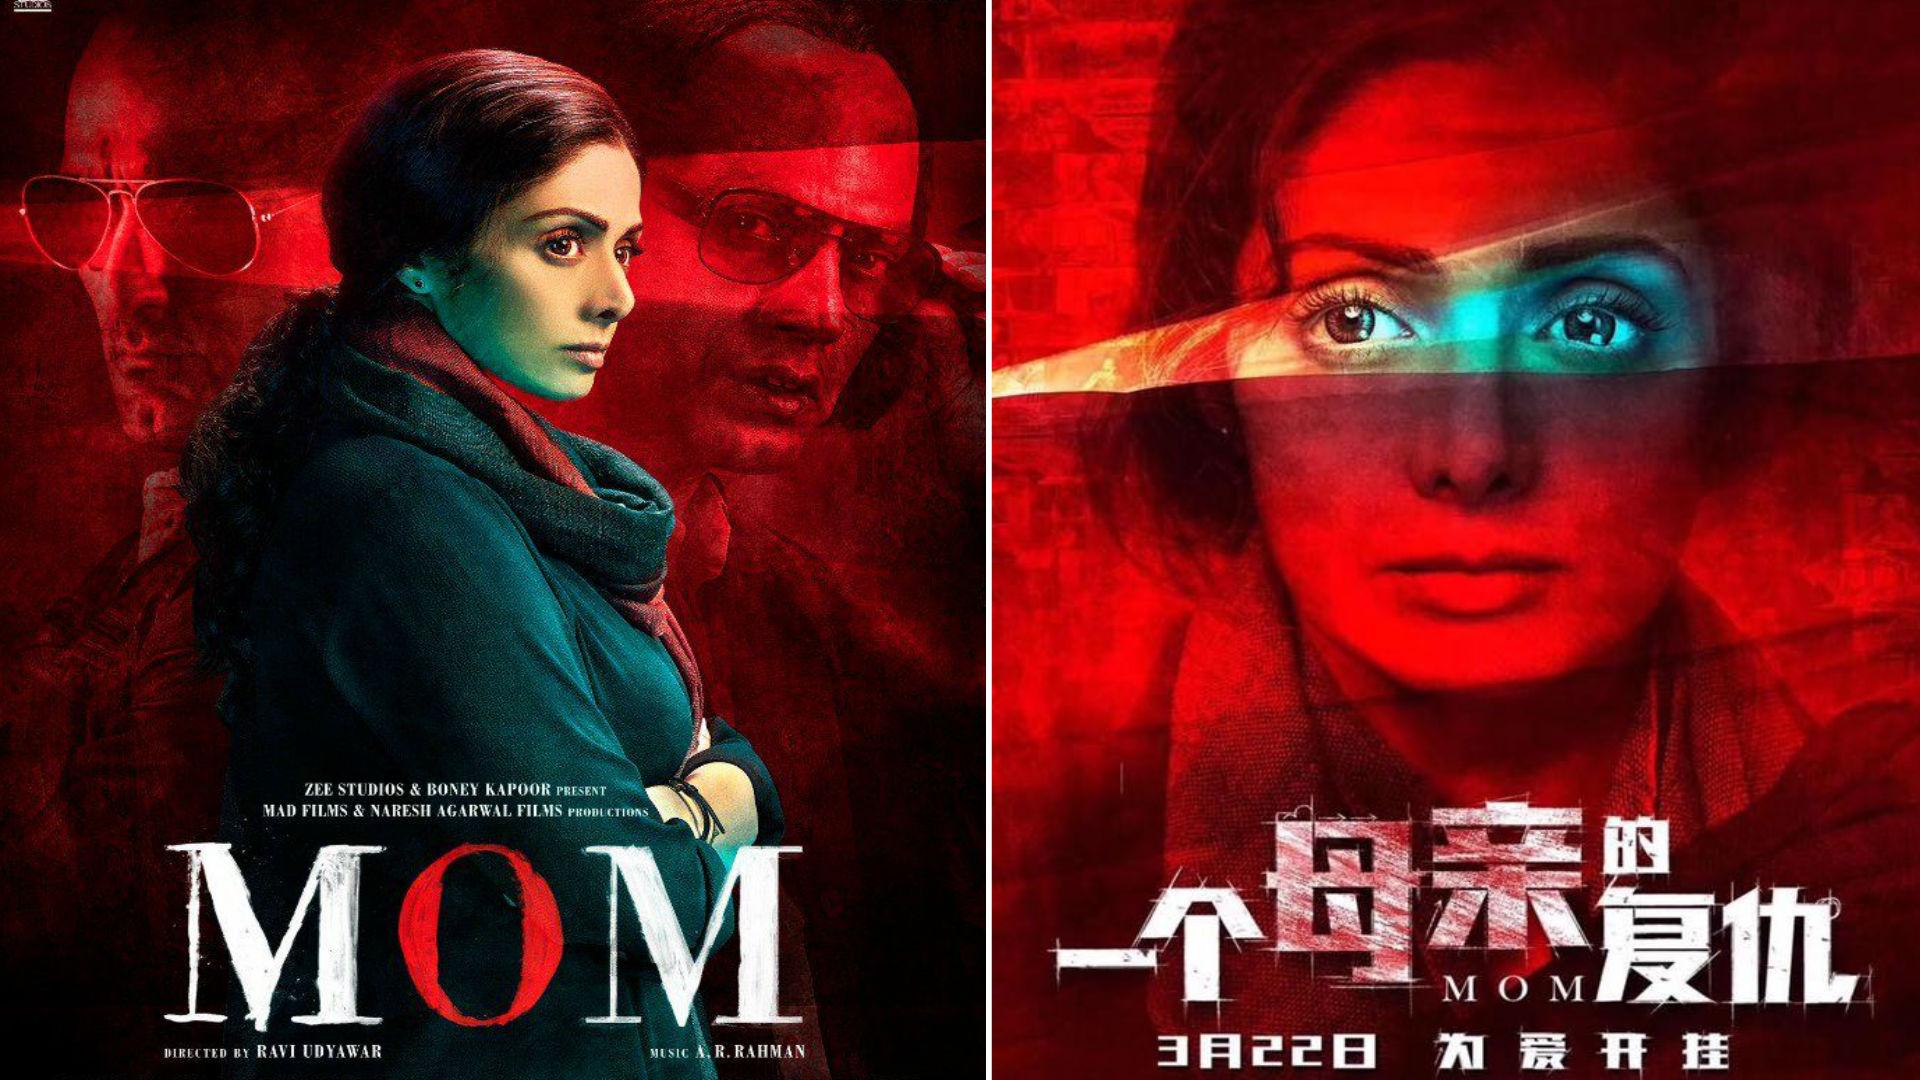 चीन में भी चलेगा दिवंगत अभिनेत्री श्रीदेवी के अभिनय का जादू, 22 मार्च को रिलीज होगी फिल्म मॉम